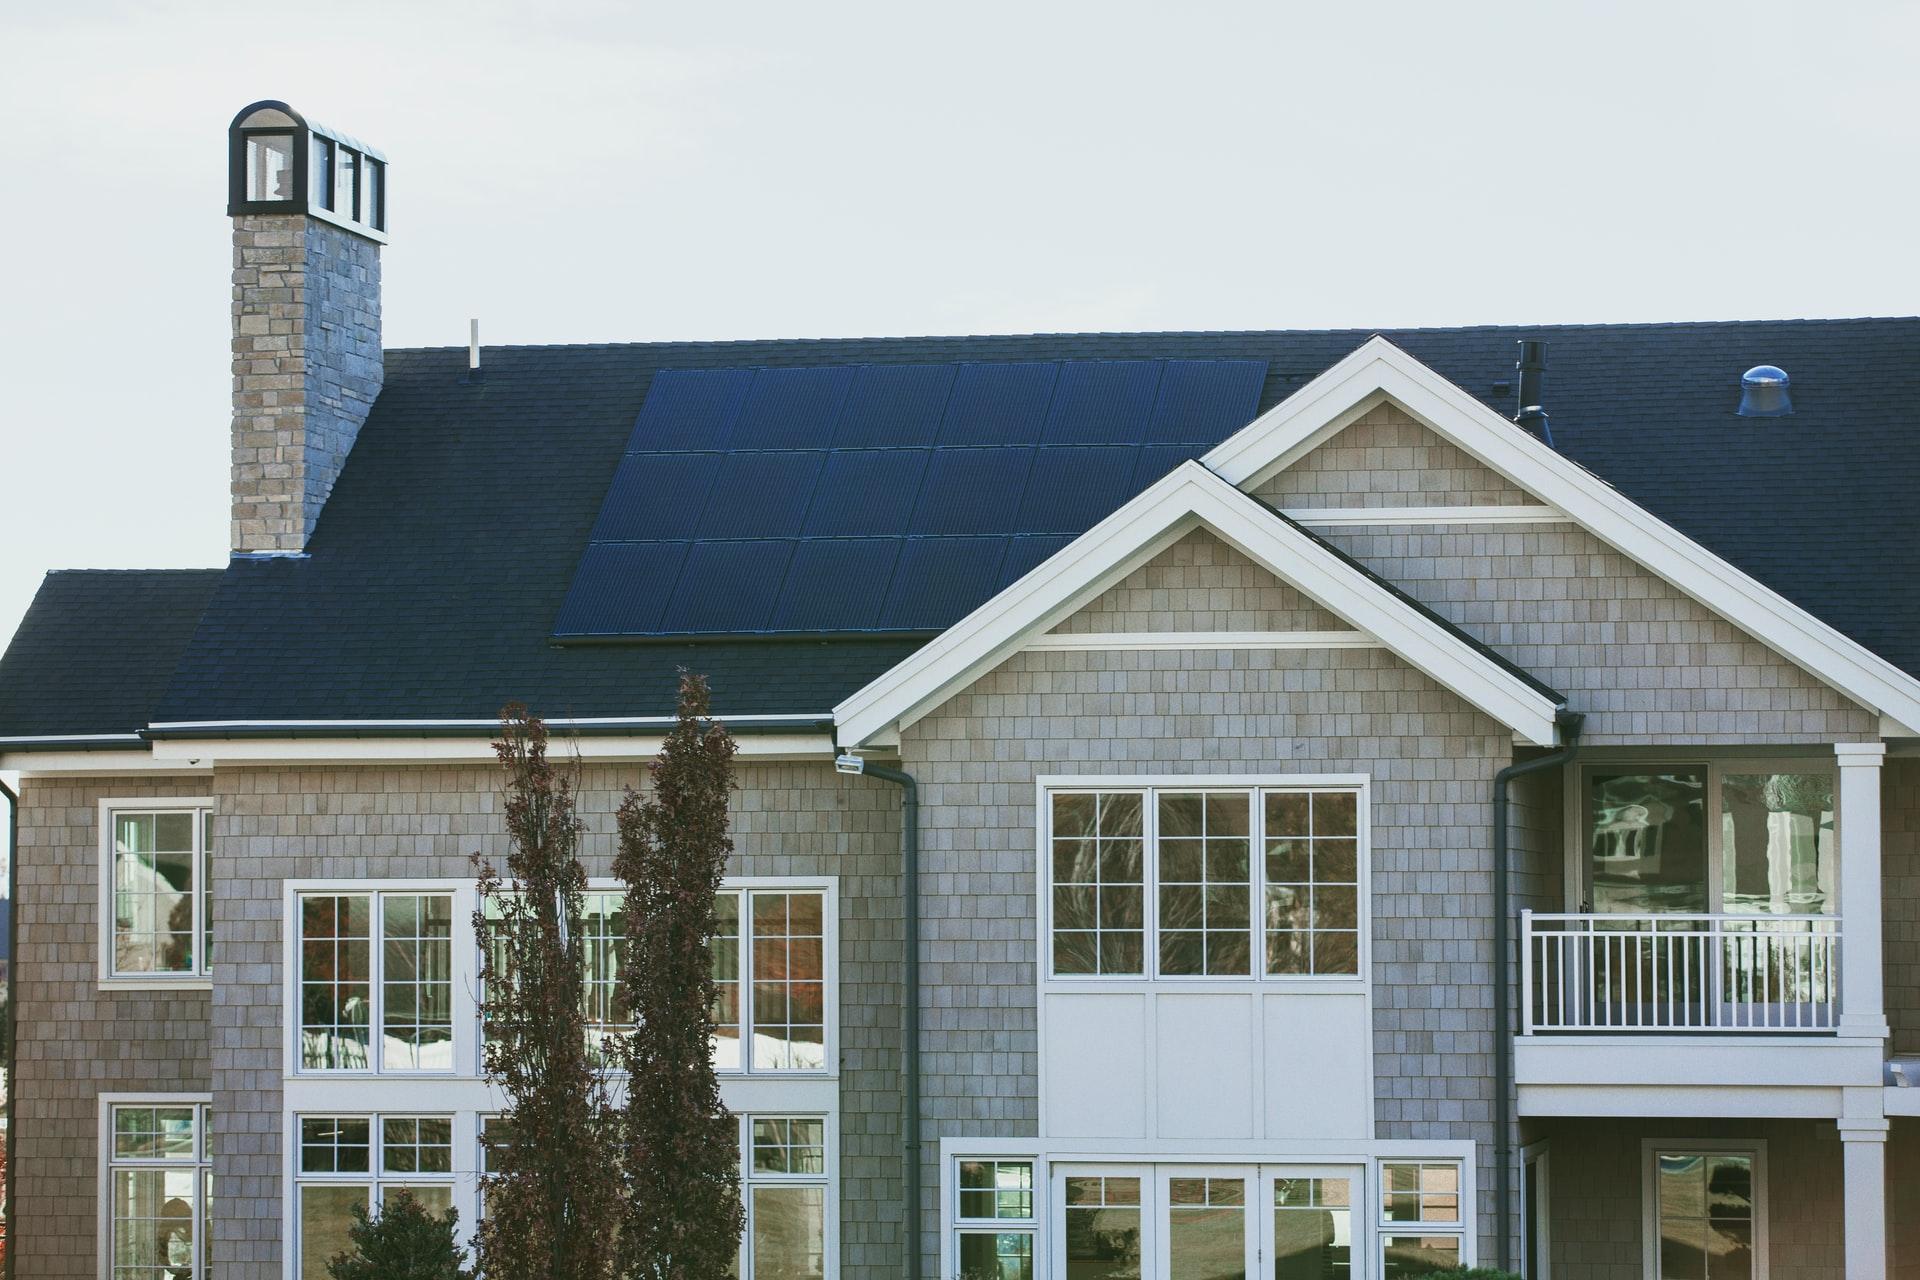 duurzaam zonnehuis met zonnepanelen